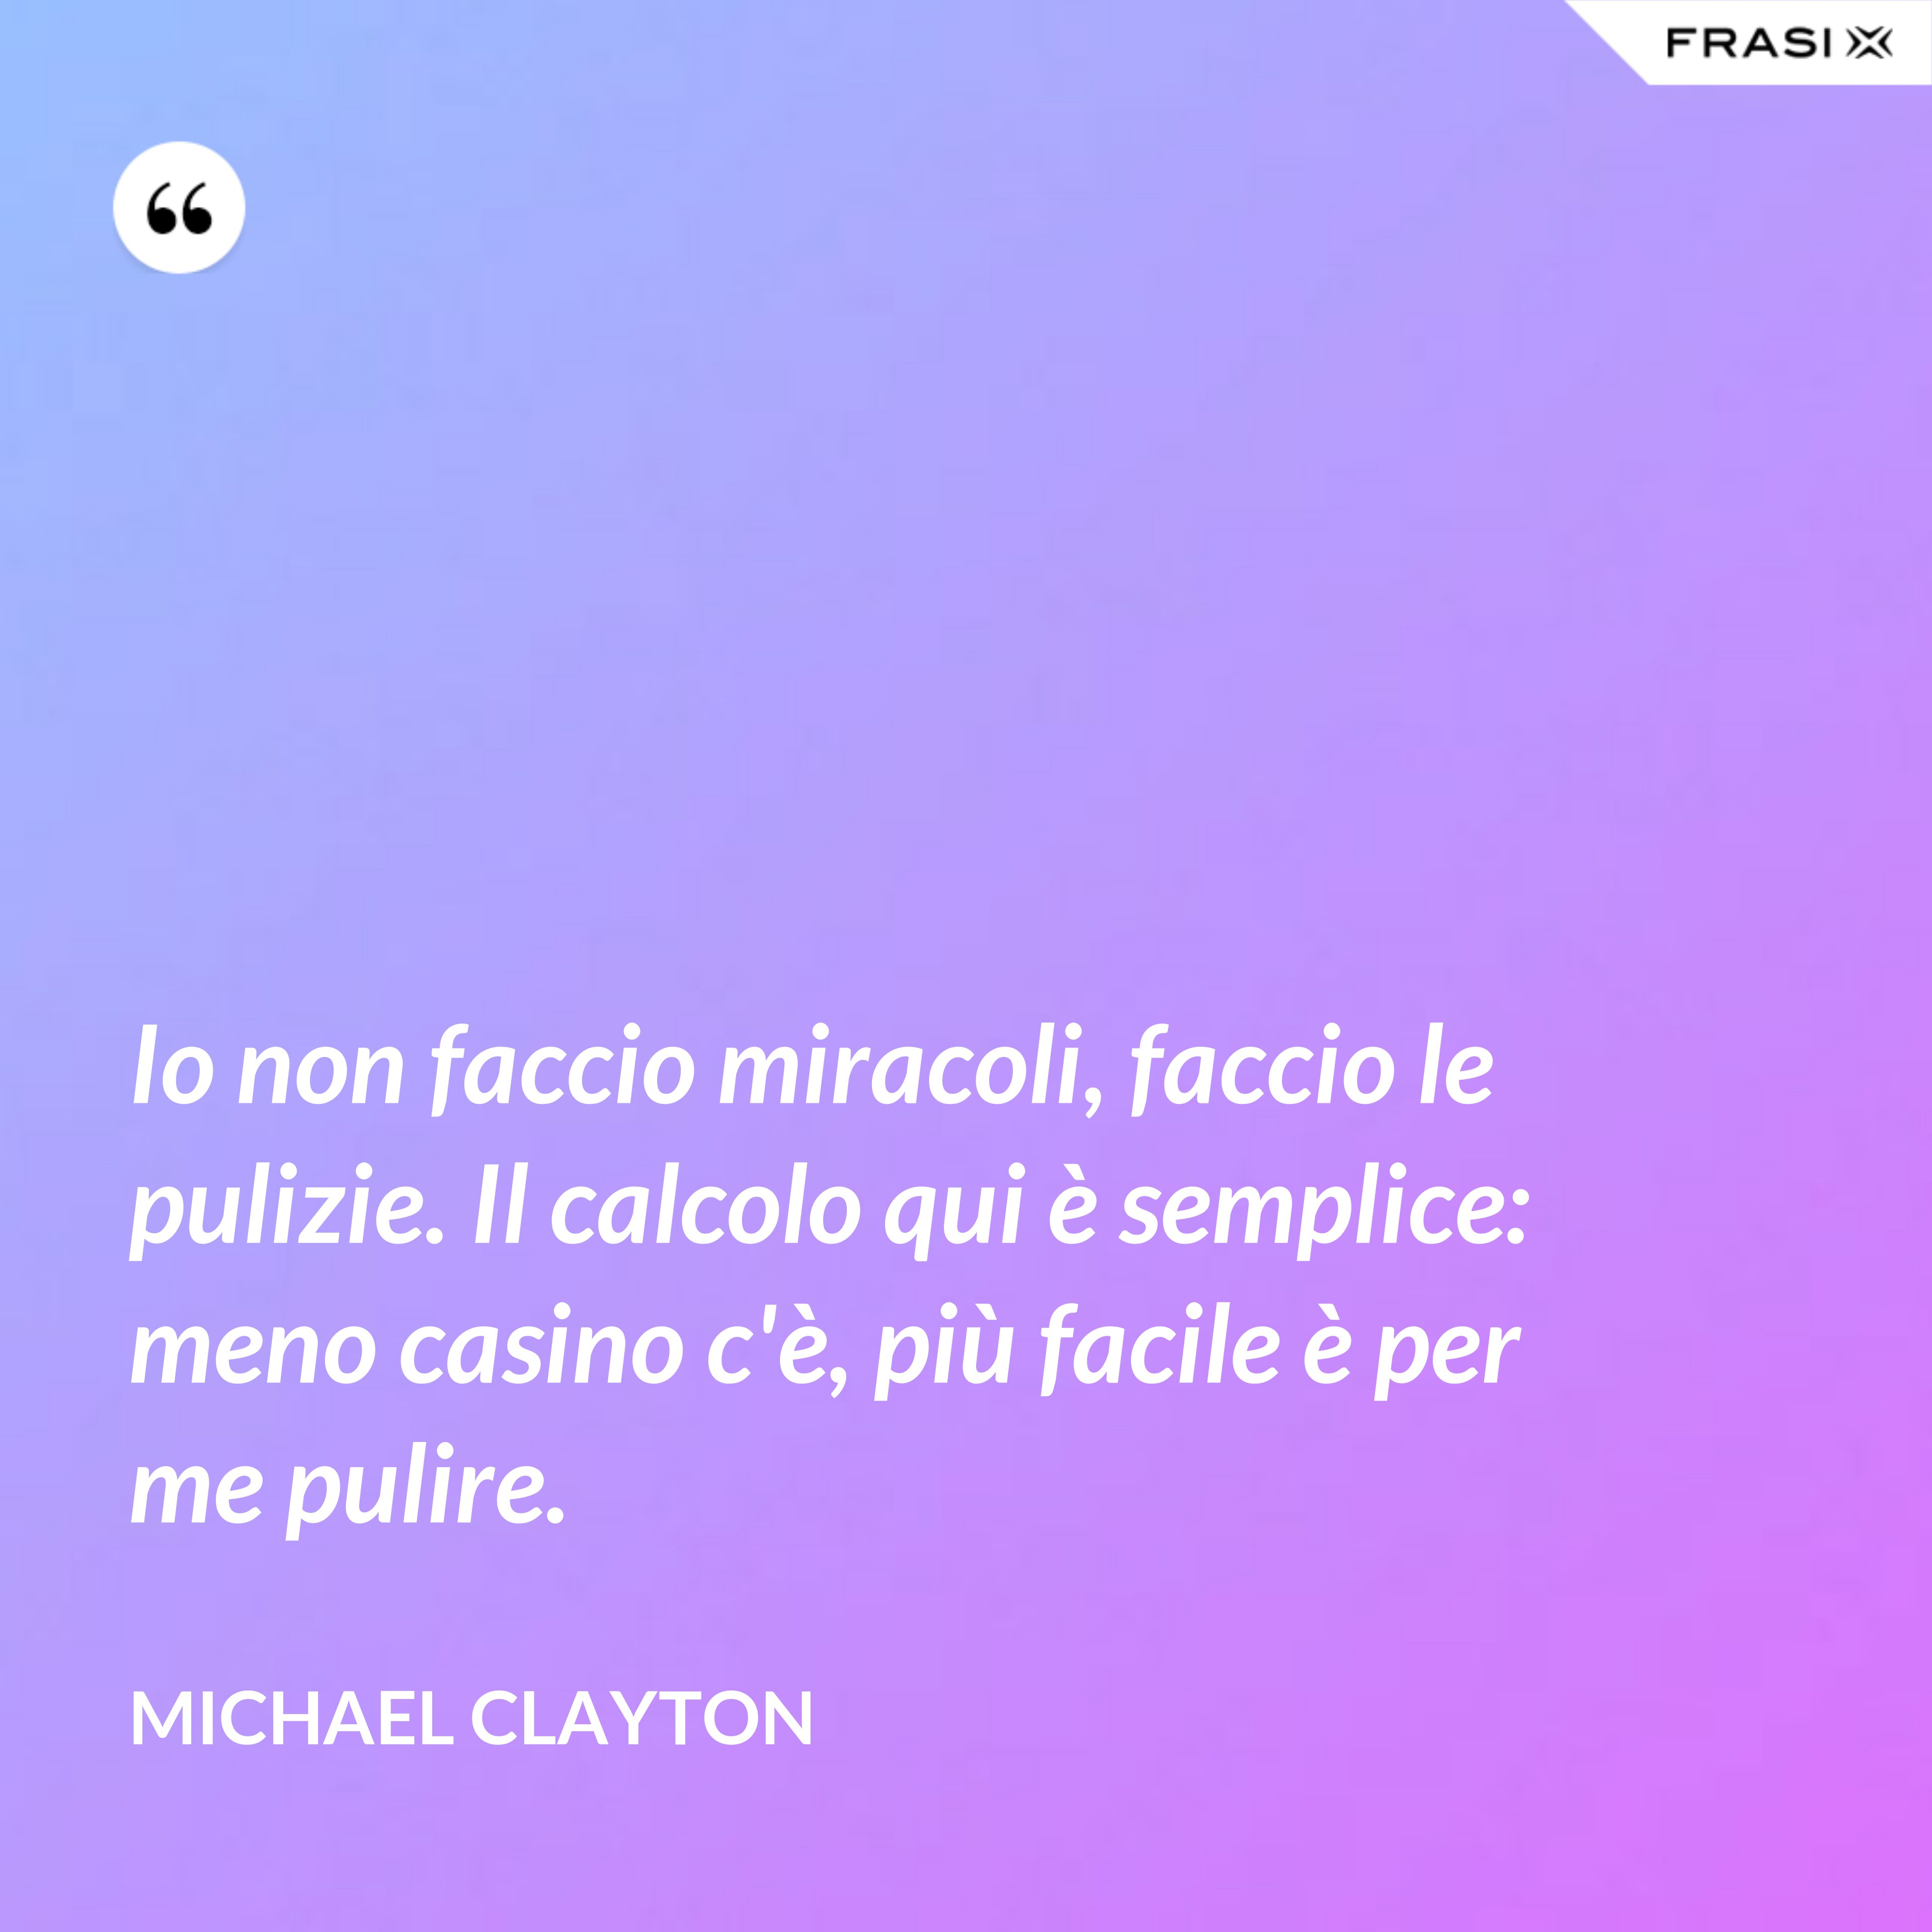 Io non faccio miracoli, faccio le pulizie. Il calcolo qui è semplice: meno casino c'è, più facile è per me pulire. - Michael Clayton